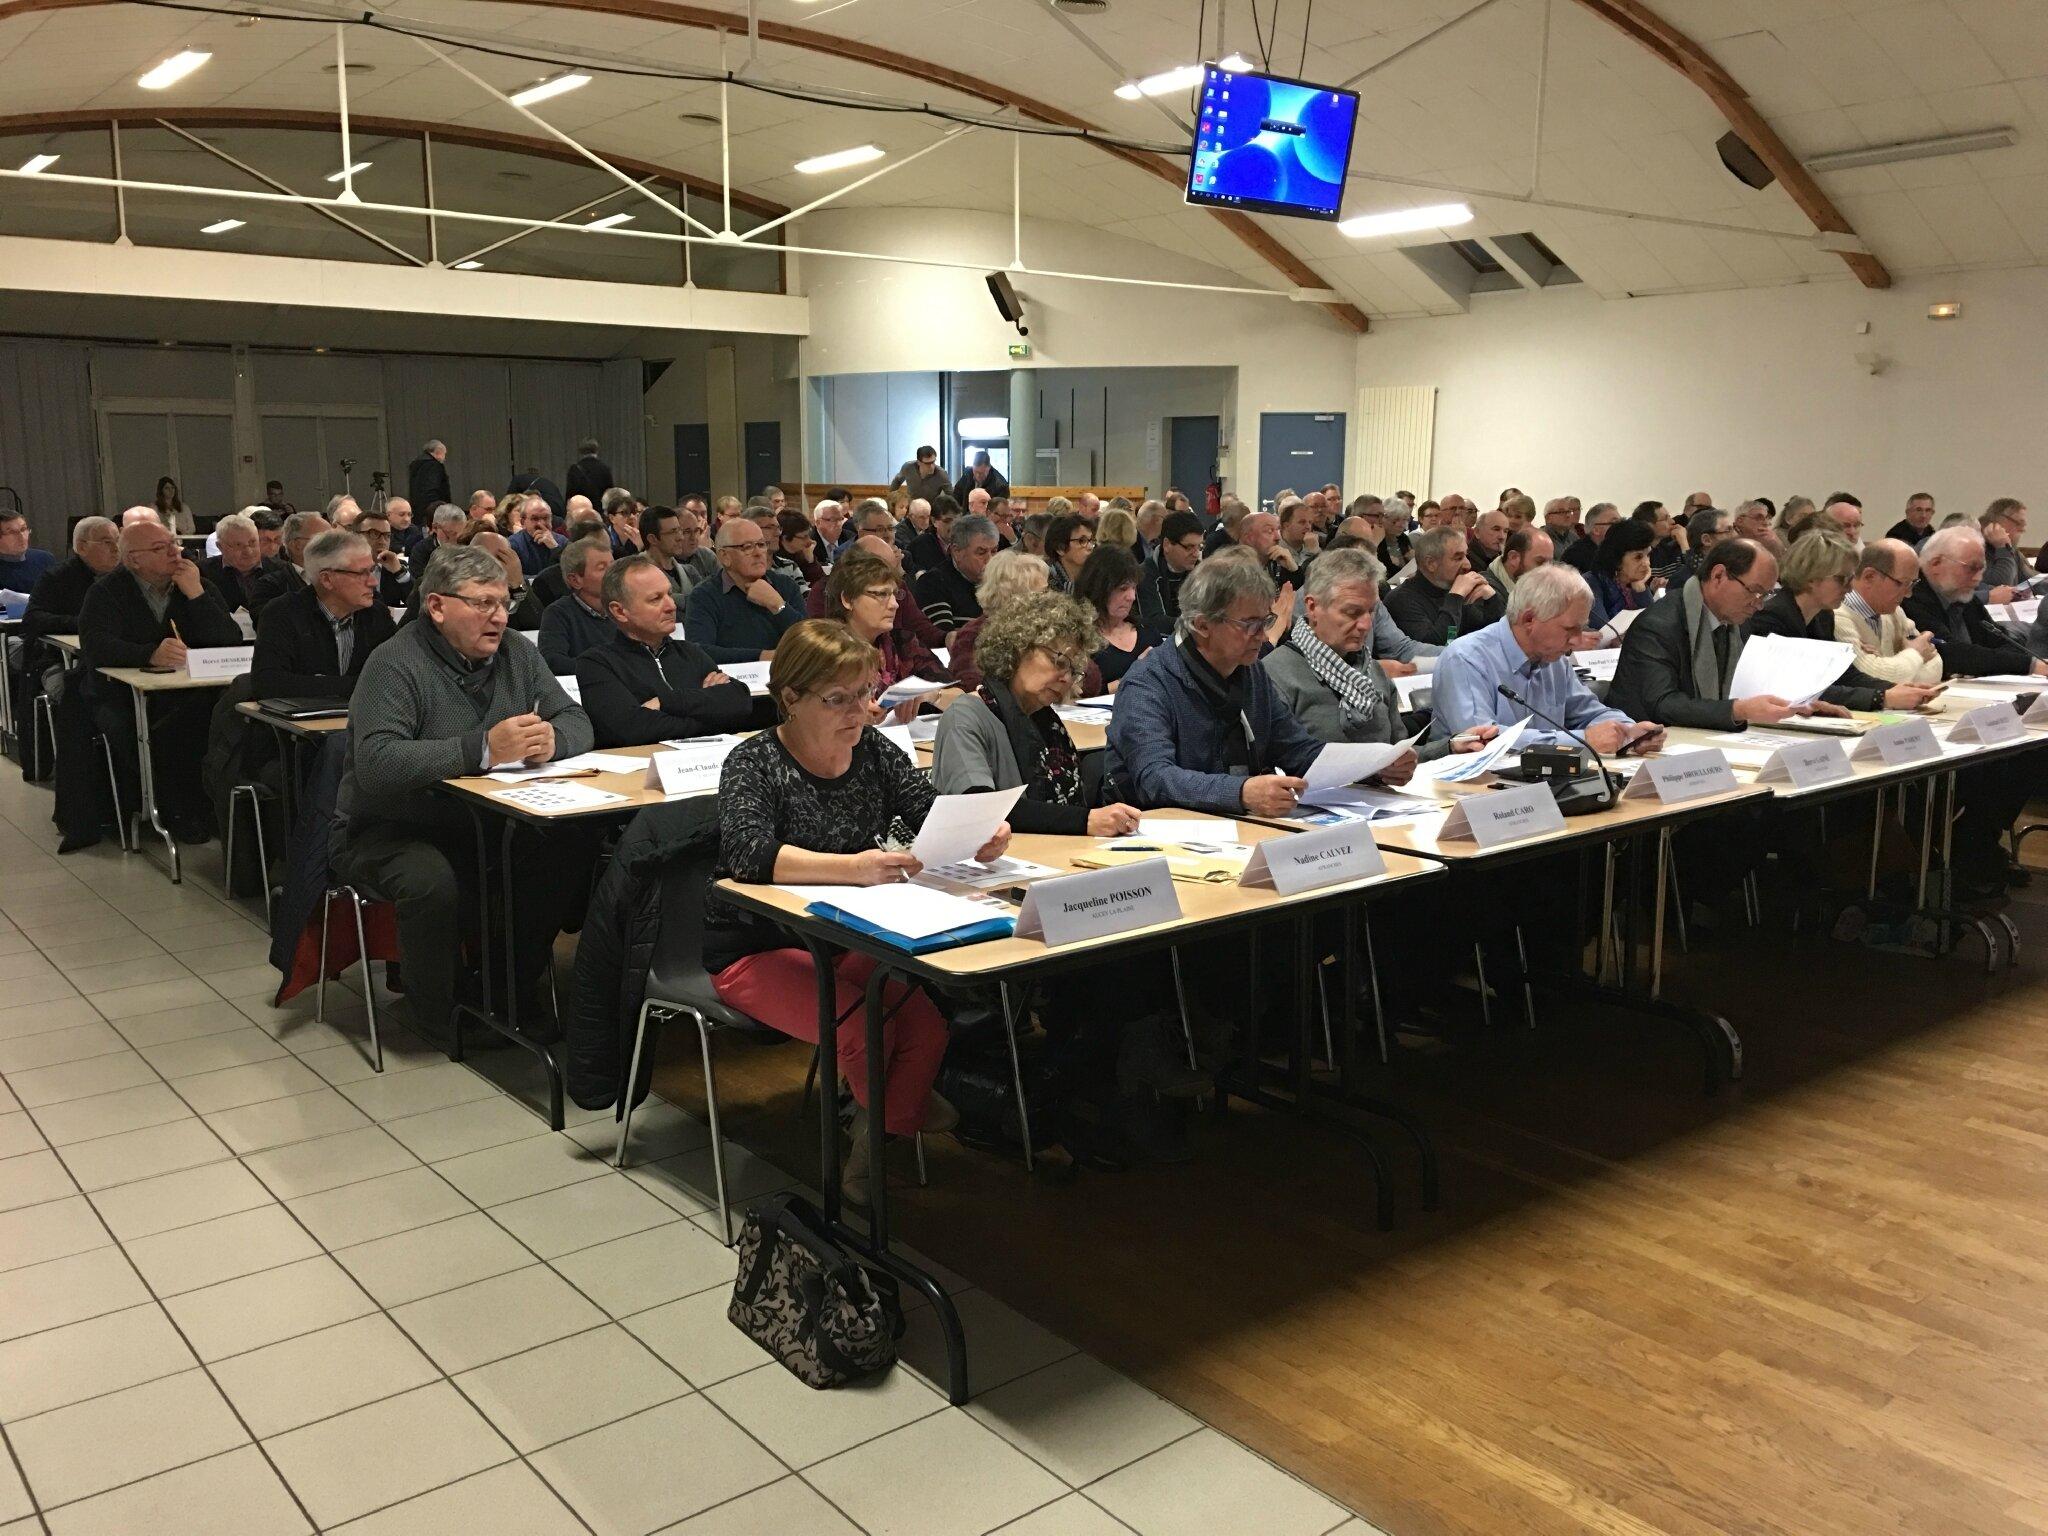 conseil de Communauté d'agglomération Mont-Saint-Michel - Normandie • Isigny-le-Buat • mercredi 29 mars 2017 - l'ordre du jour